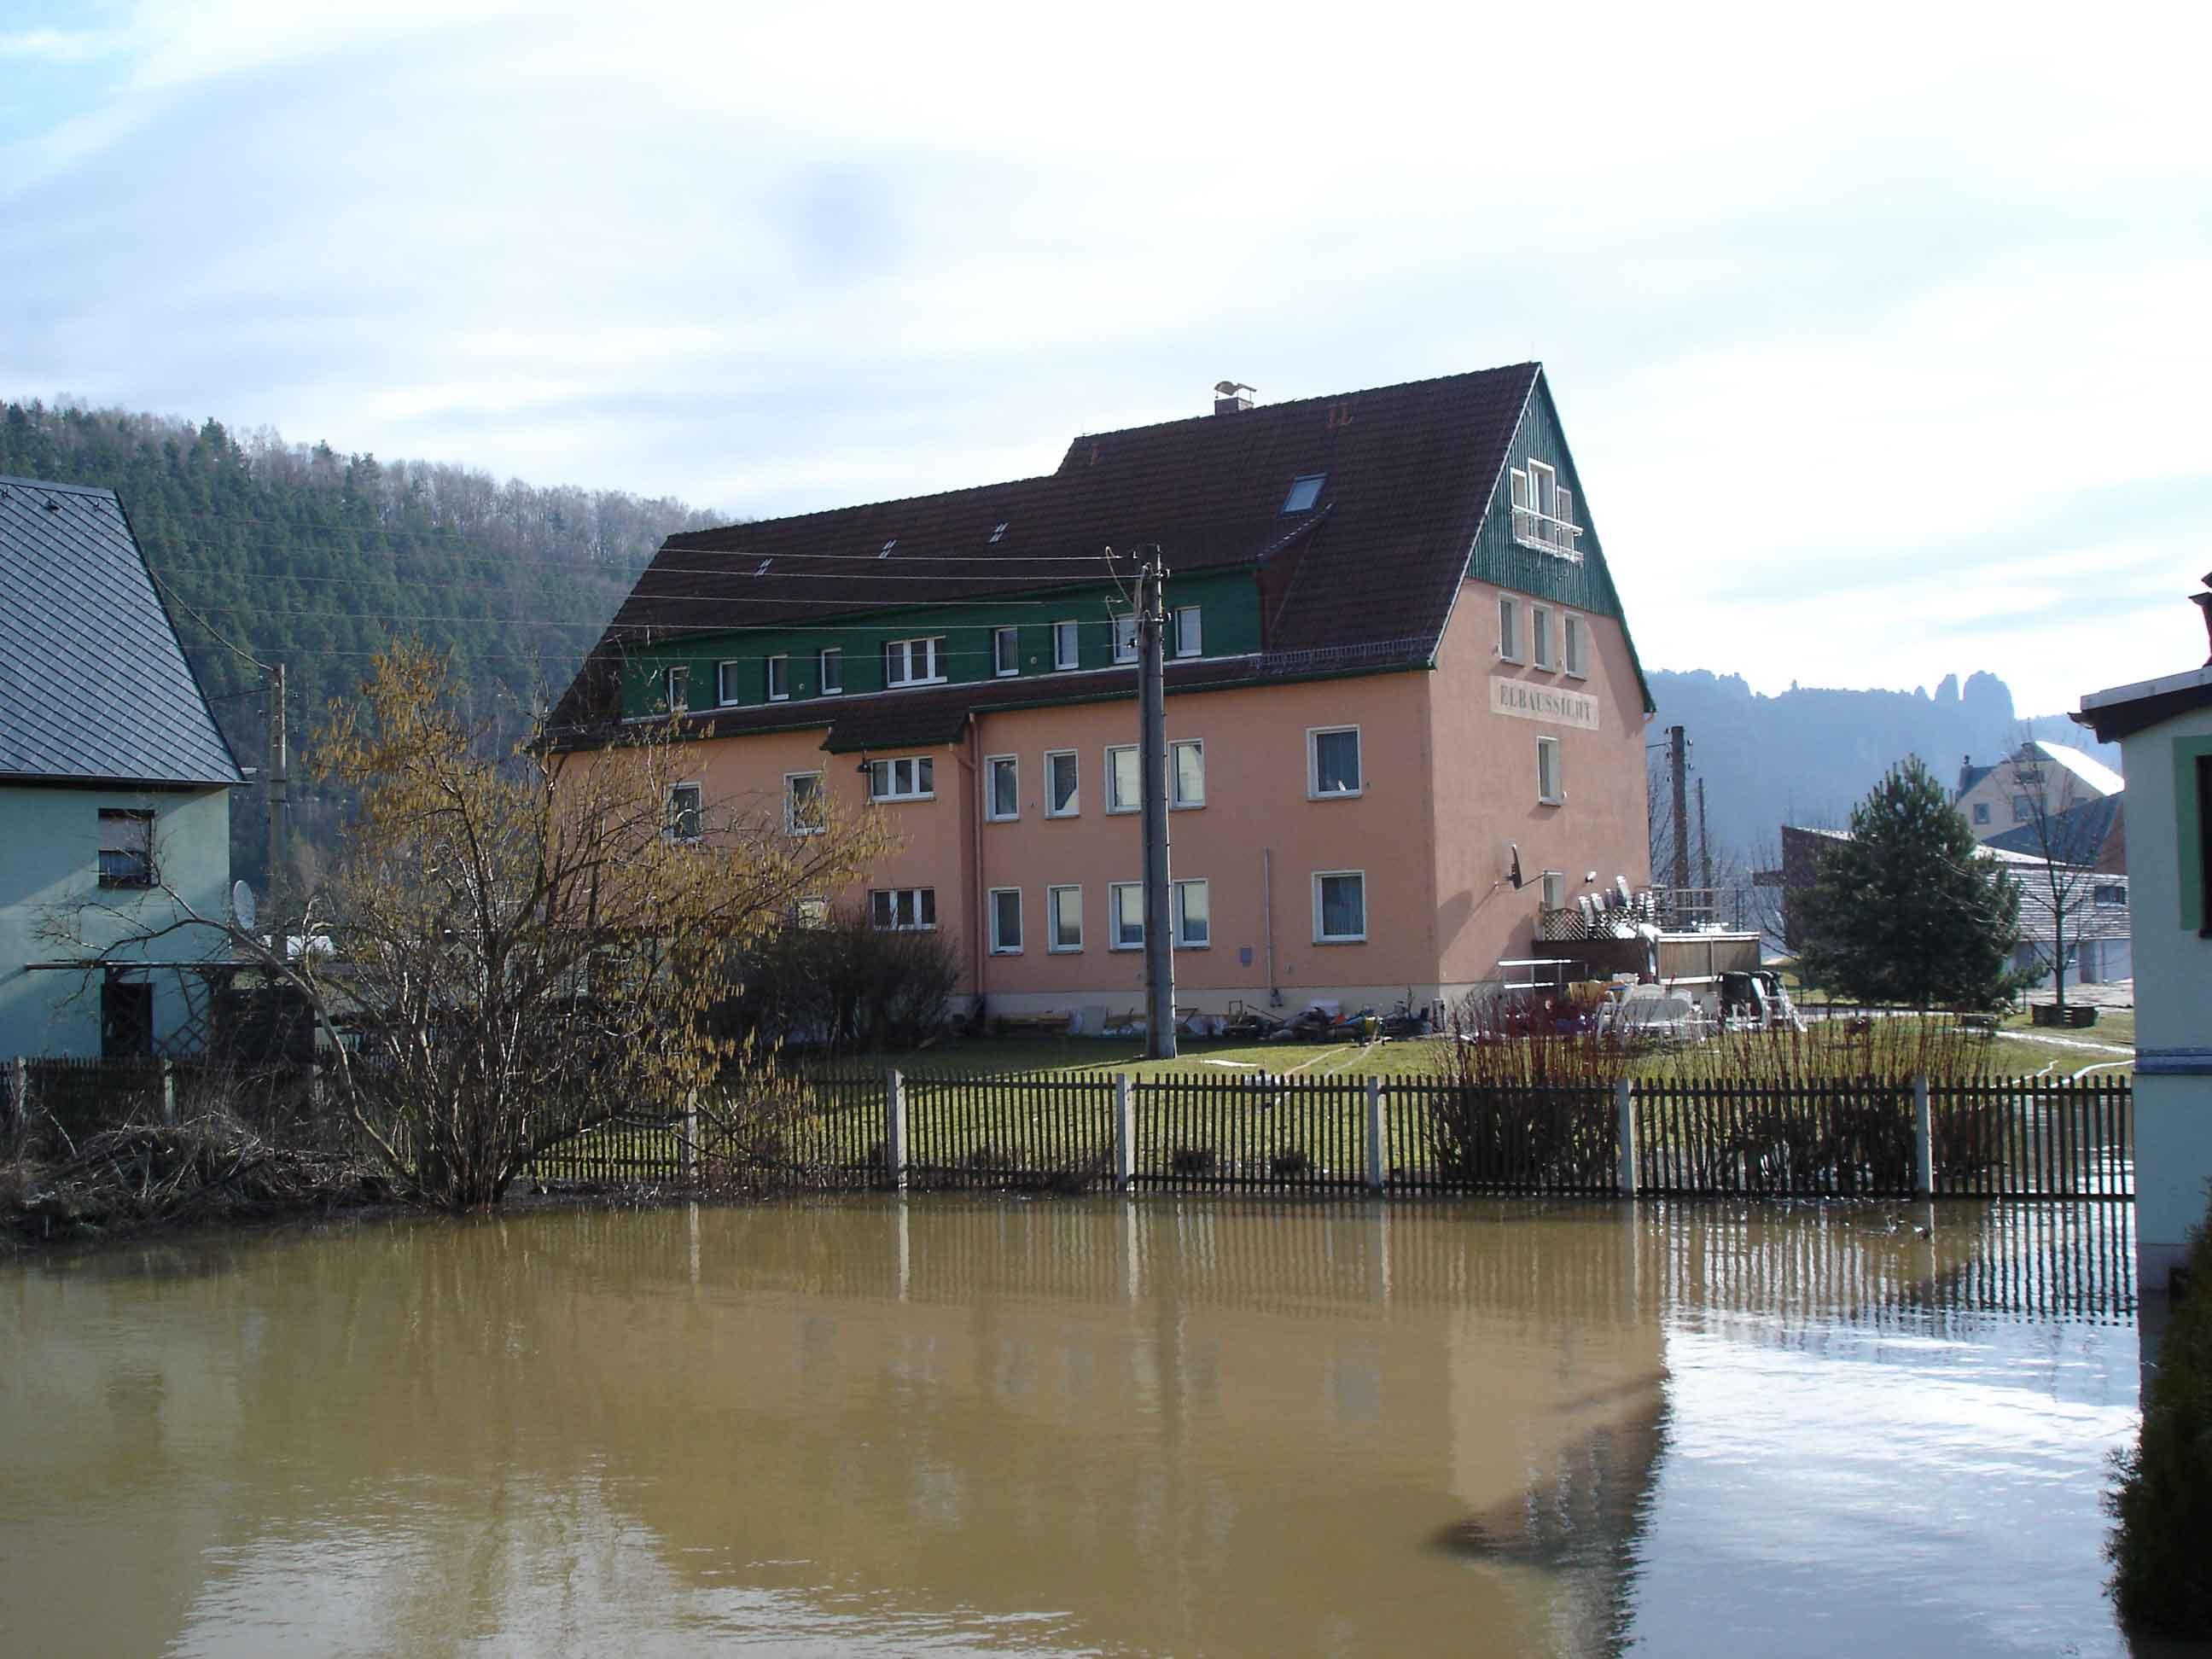 Hochwasser 2006 - Die Elbe steigt